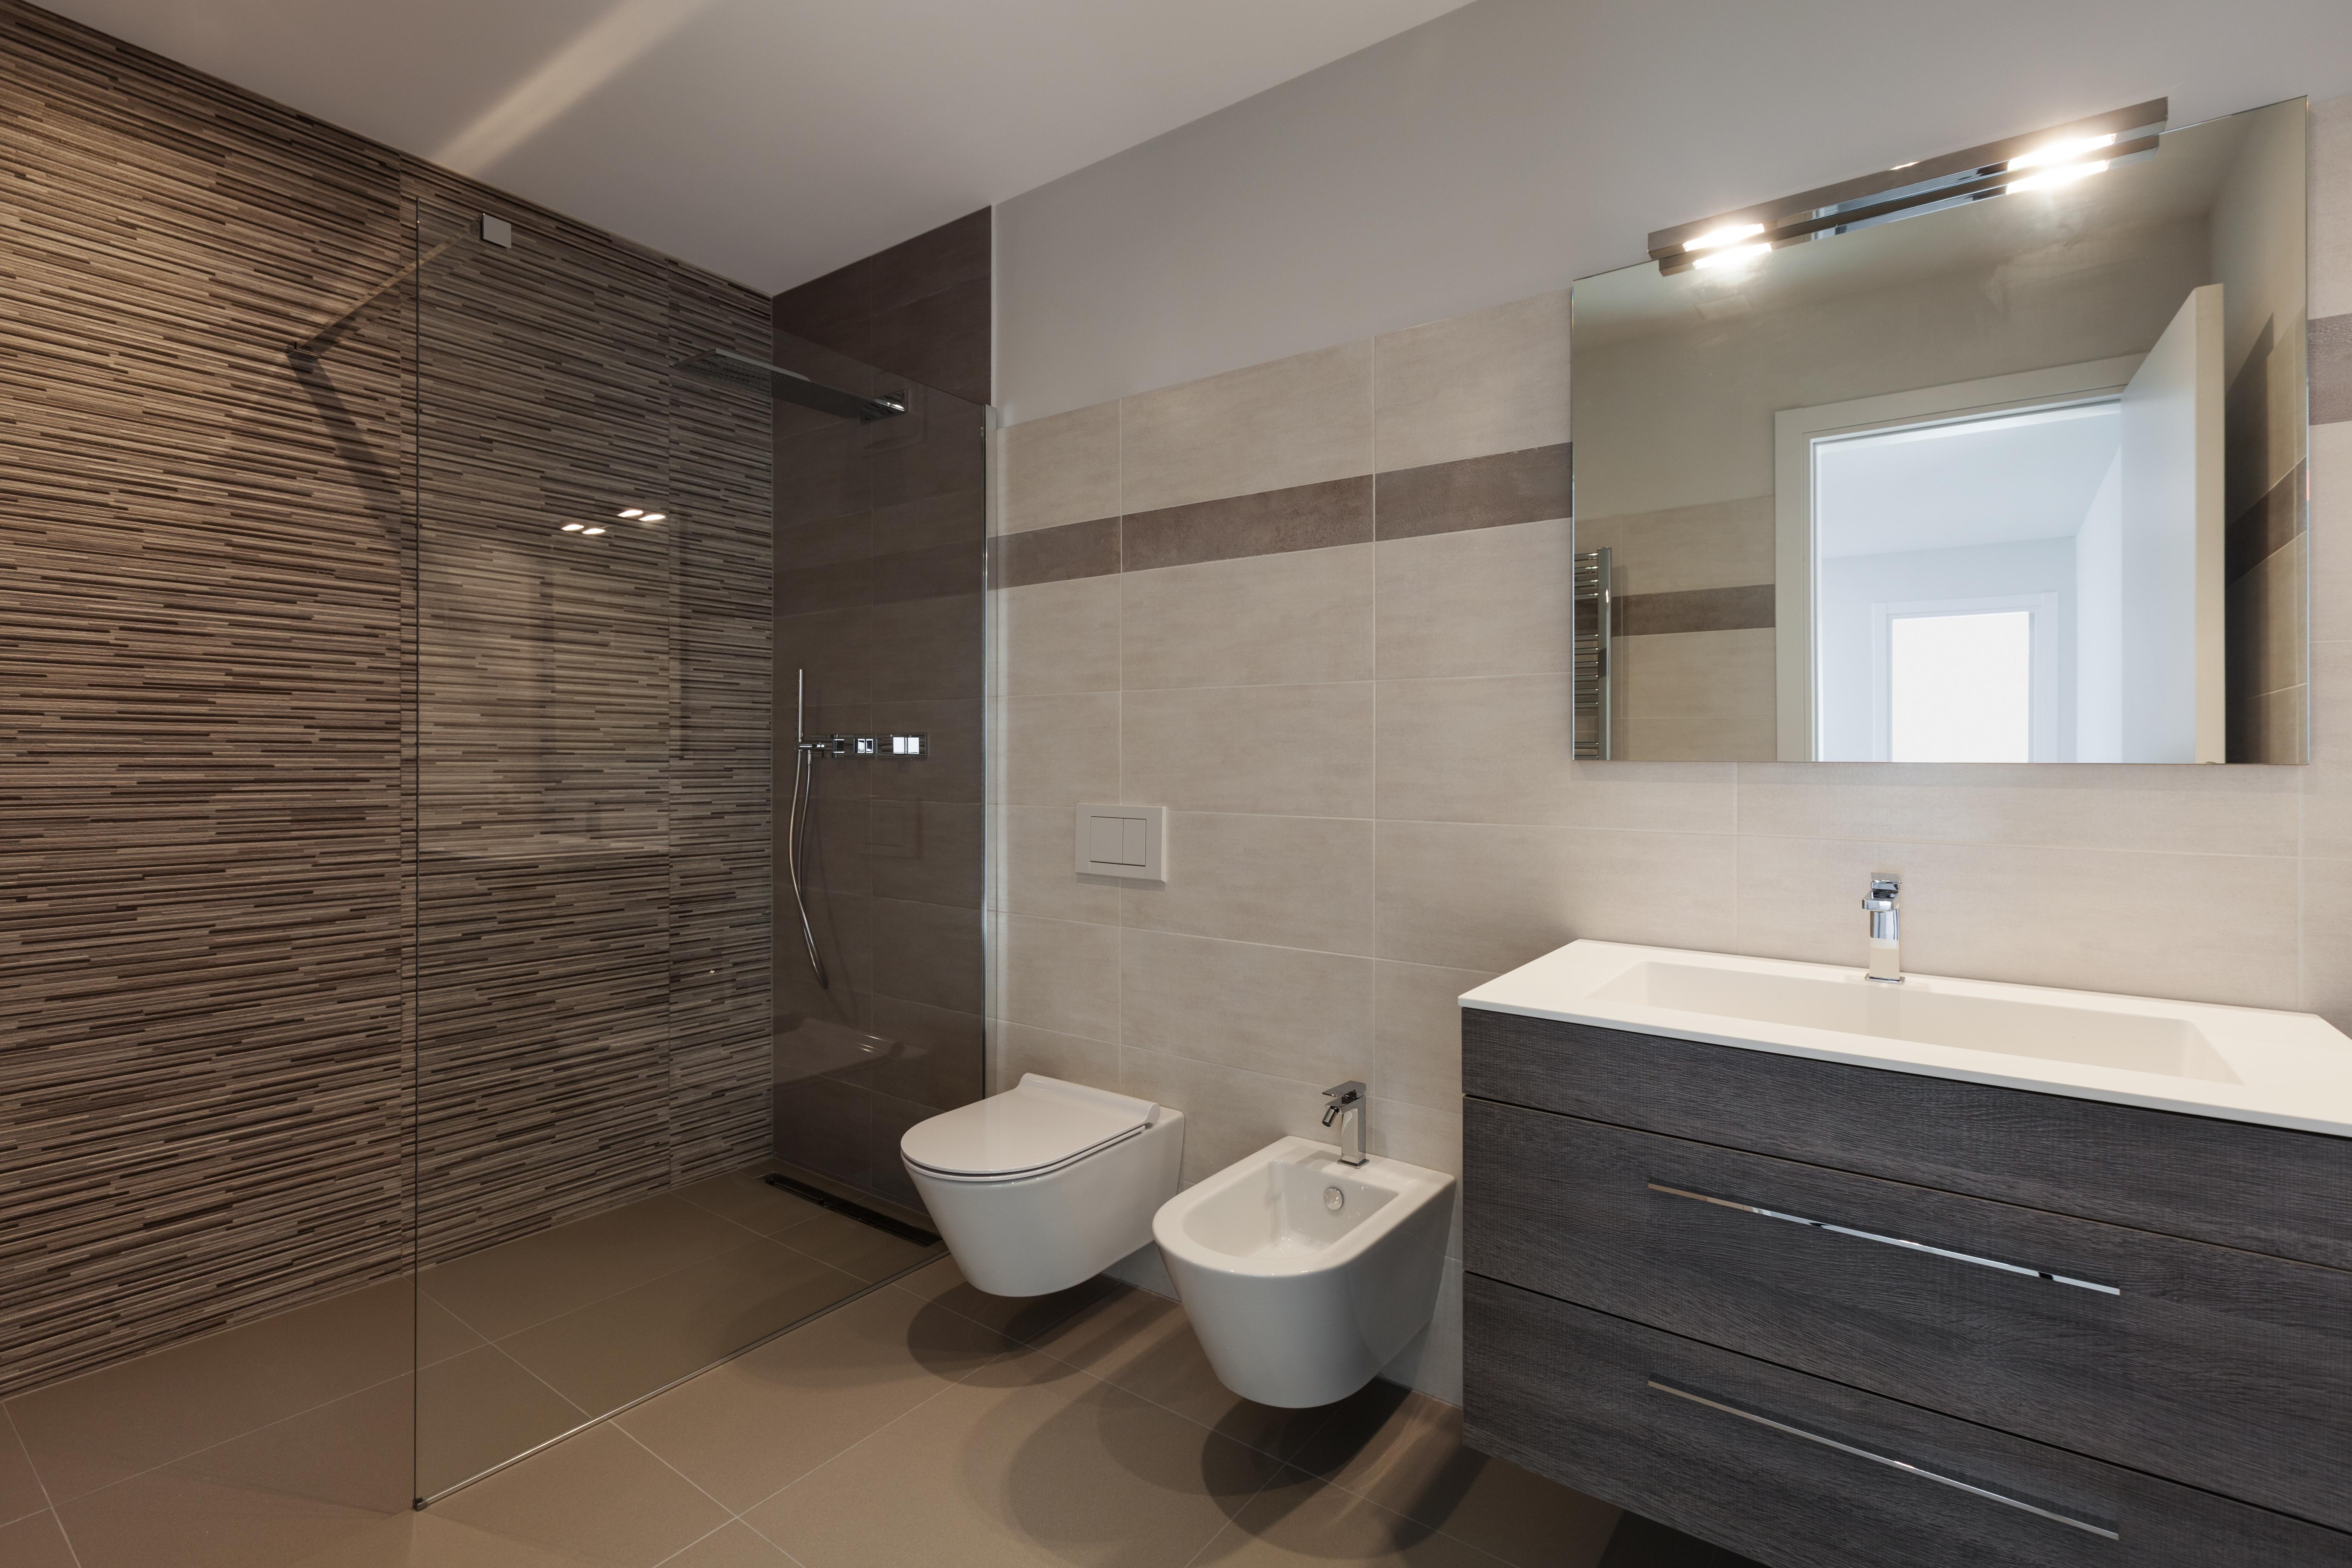 Bany amb panells de ceràmica